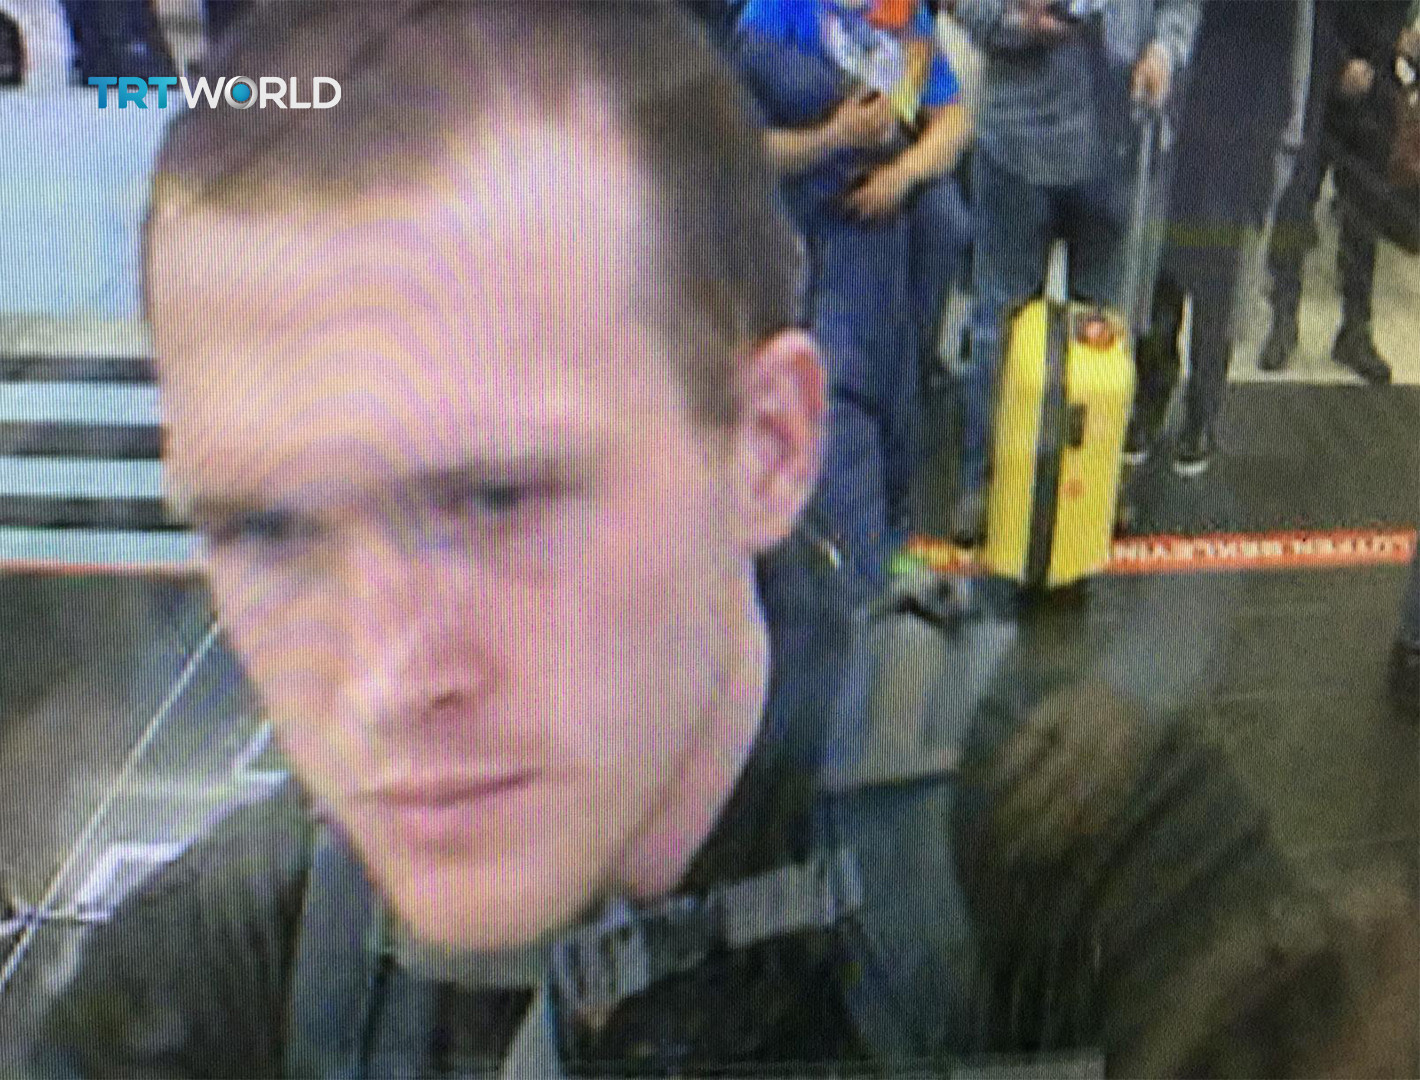 ▲▼ 紐西蘭基督城15日爆發槍案,圖為28歲槍手塔朗特(Brenton Tarrant)2016年3月在伊斯坦堡機場的身影。(圖/達志影像/美聯社)